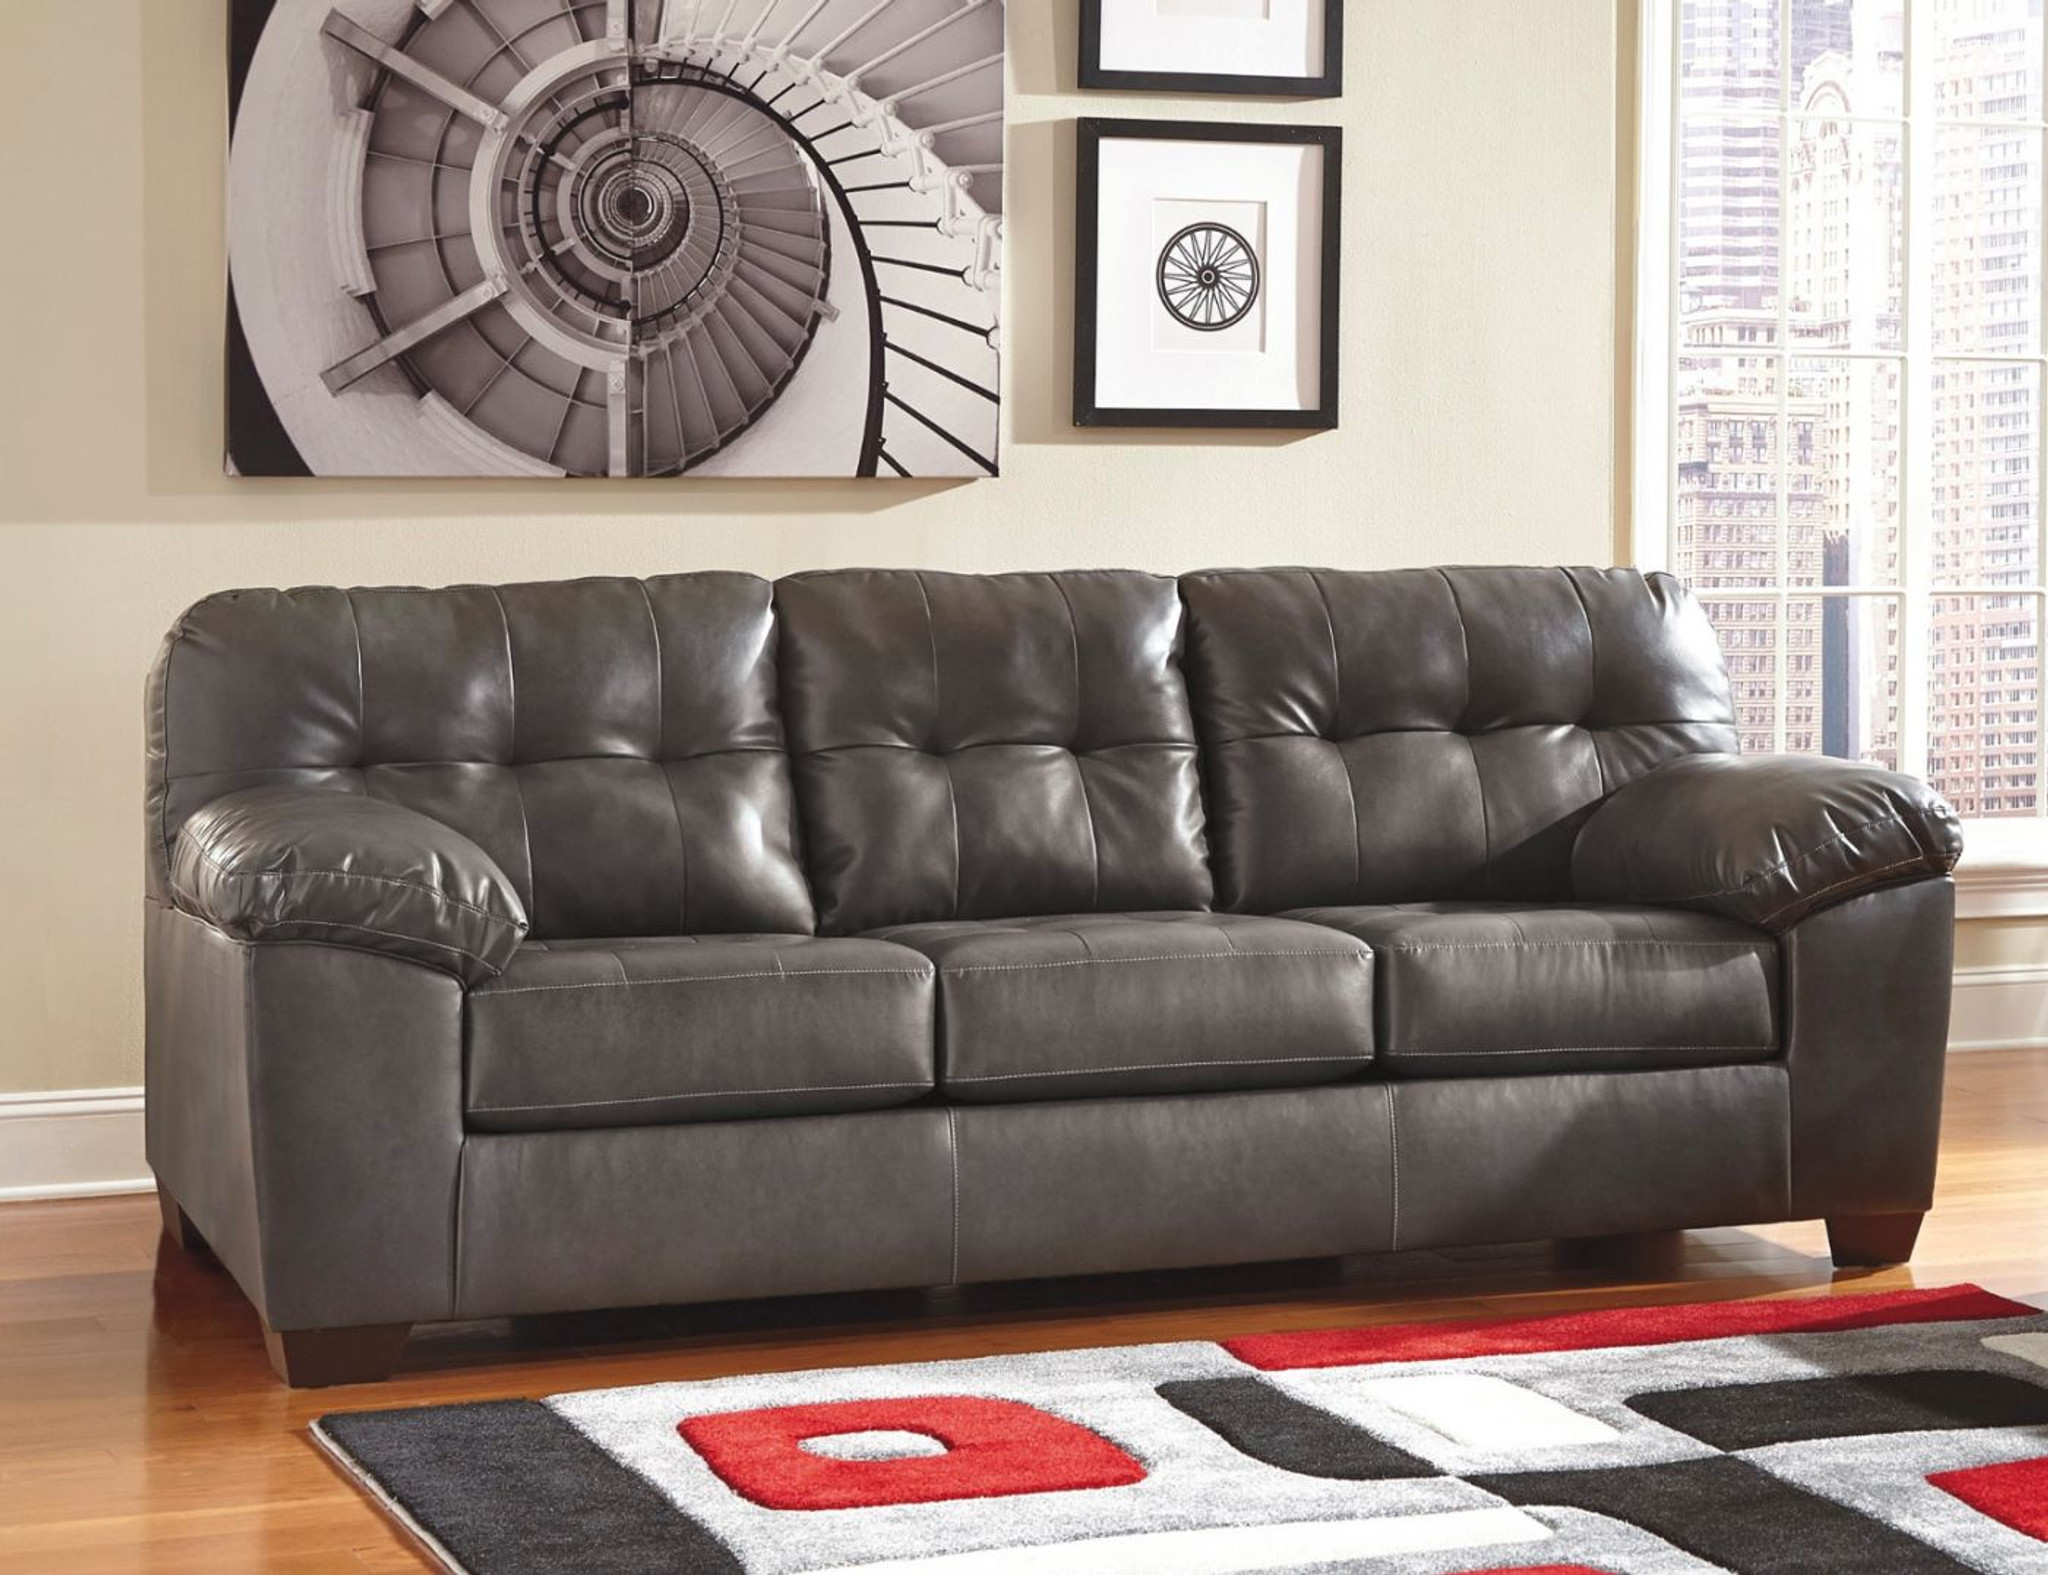 Astounding Alliston Grey Collection Queen Sofa Sleeper Creativecarmelina Interior Chair Design Creativecarmelinacom